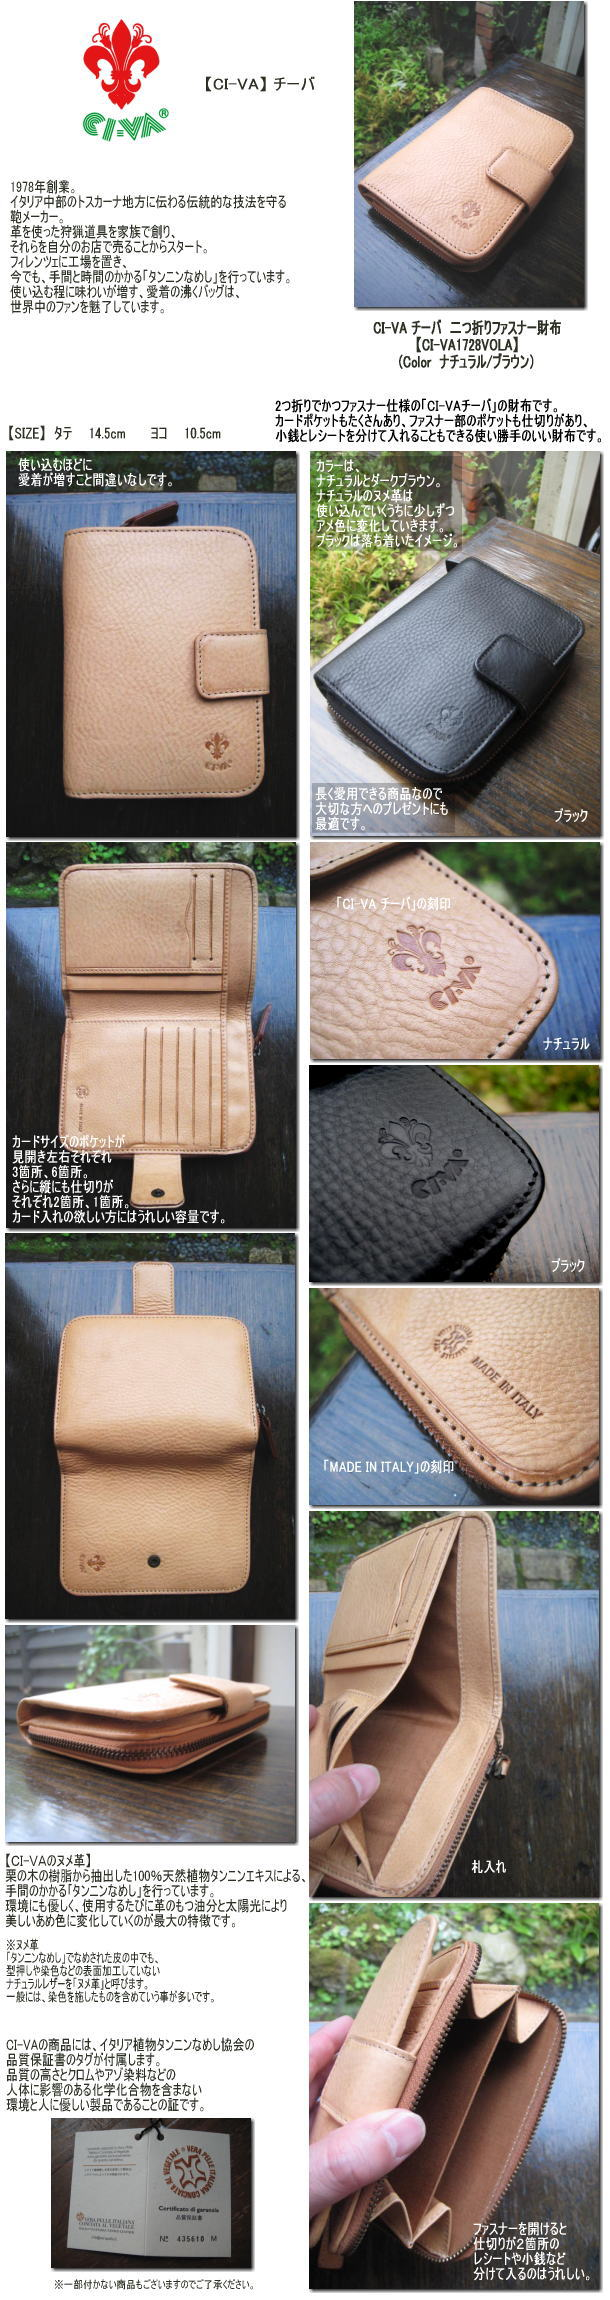 【CI-VA】チーバ 二つ折りファスナー財布 CI-VA1728VOLA(ナチュラル/ブラック)